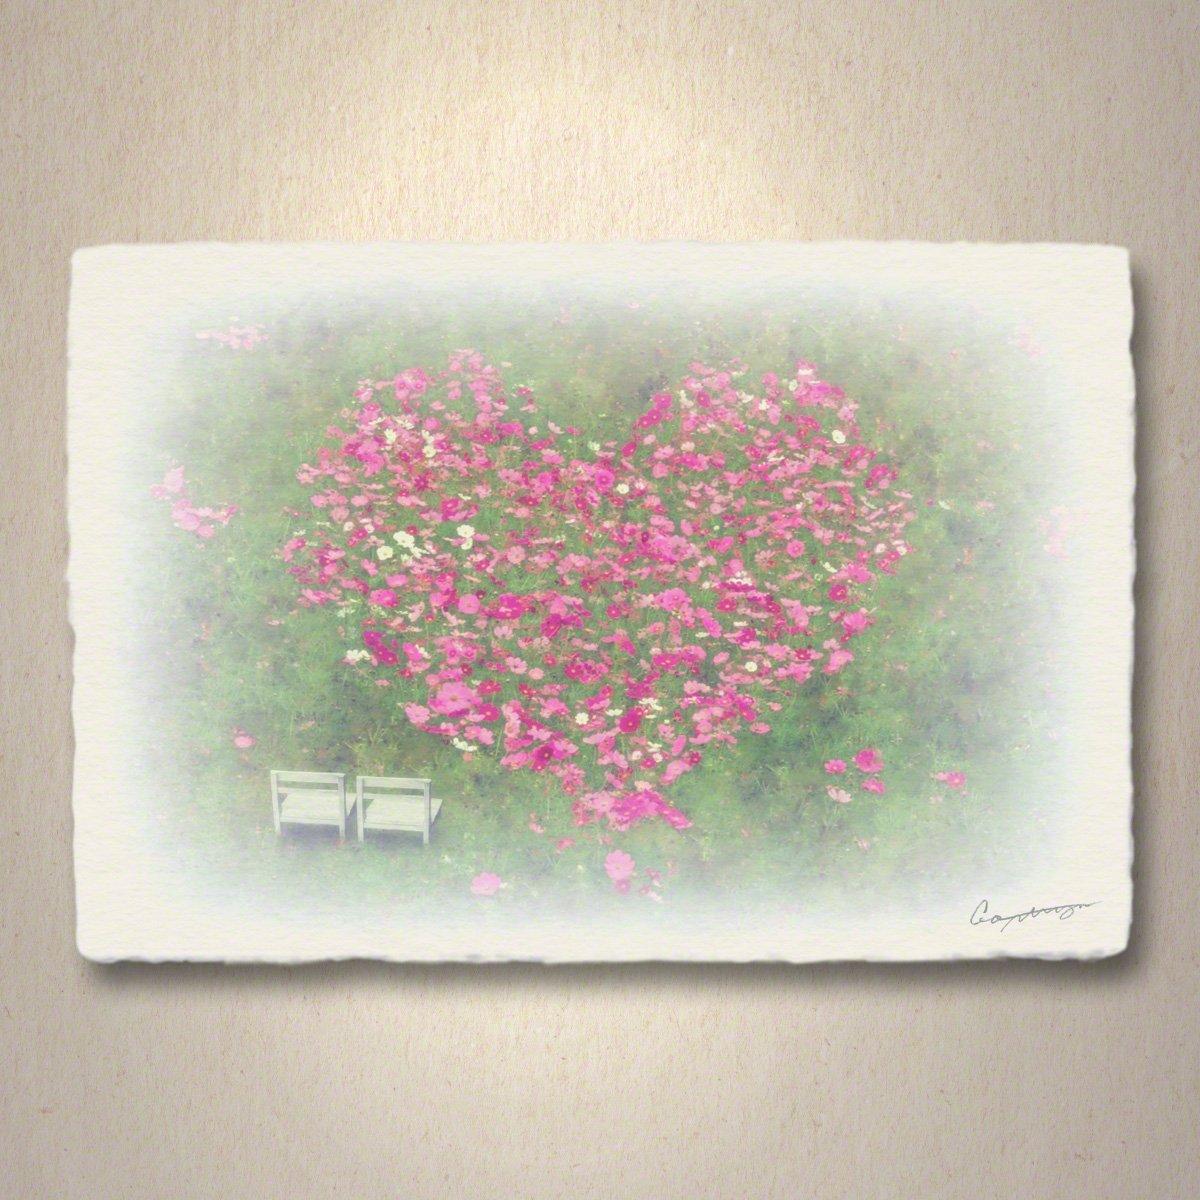 和紙 アートパネル 「ハートのコスモスの花畑と白い椅子」 (68x45cm) 結婚祝い プレゼント 絵 絵画 壁掛け 壁飾り インテリア アート B07DRQF3BS 16.アートパネル(長辺68cm) 48000円|ハートのコスモスの花畑と白い椅子 ハートのコスモスの花畑と白い椅子 16.アートパネル(長辺68cm) 48000円